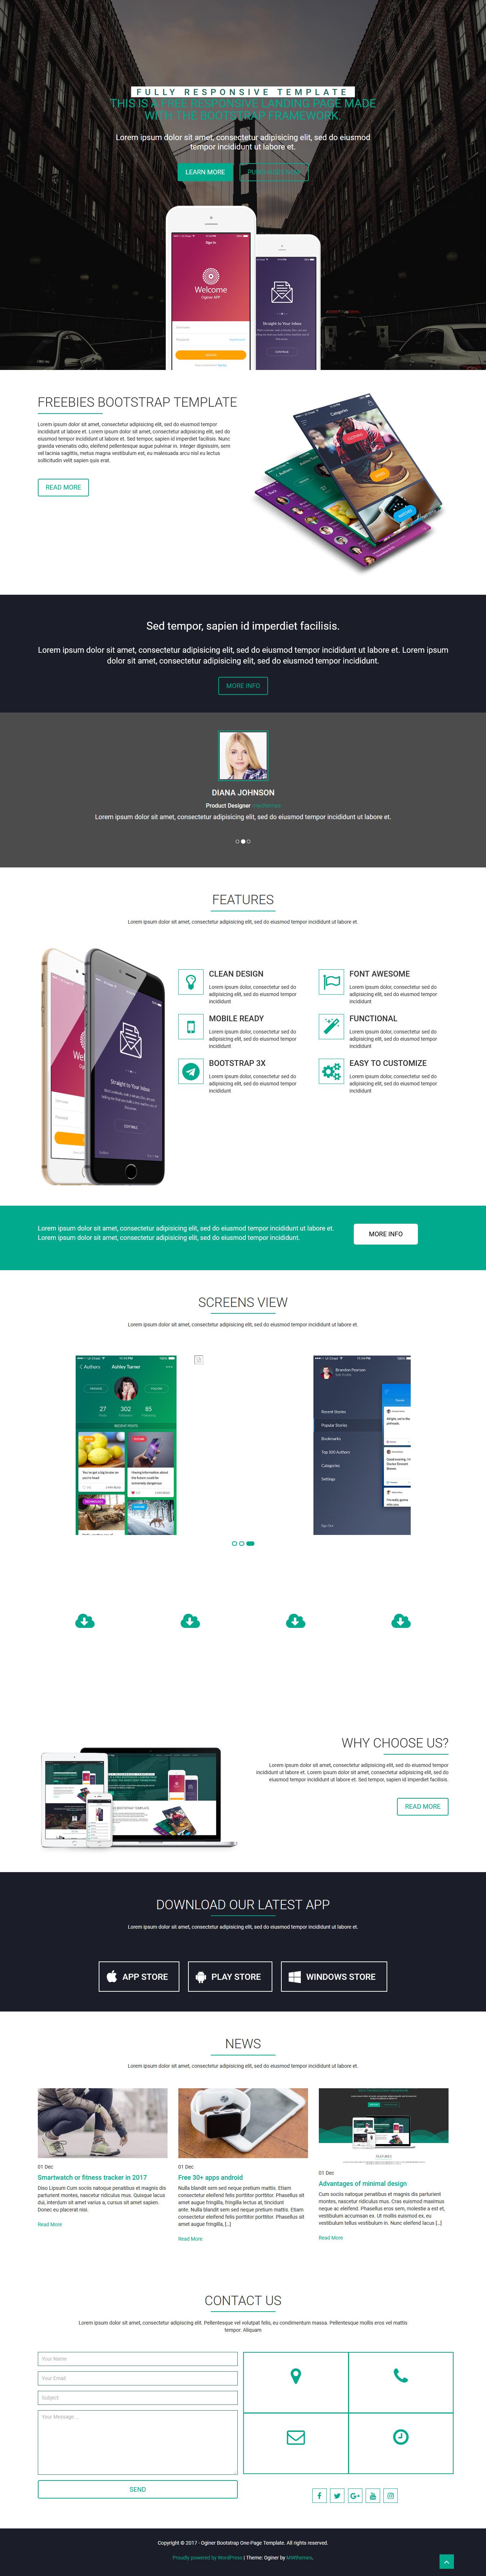 Oginer: el mejor tema gratuito de WordPress para aplicaciones móviles